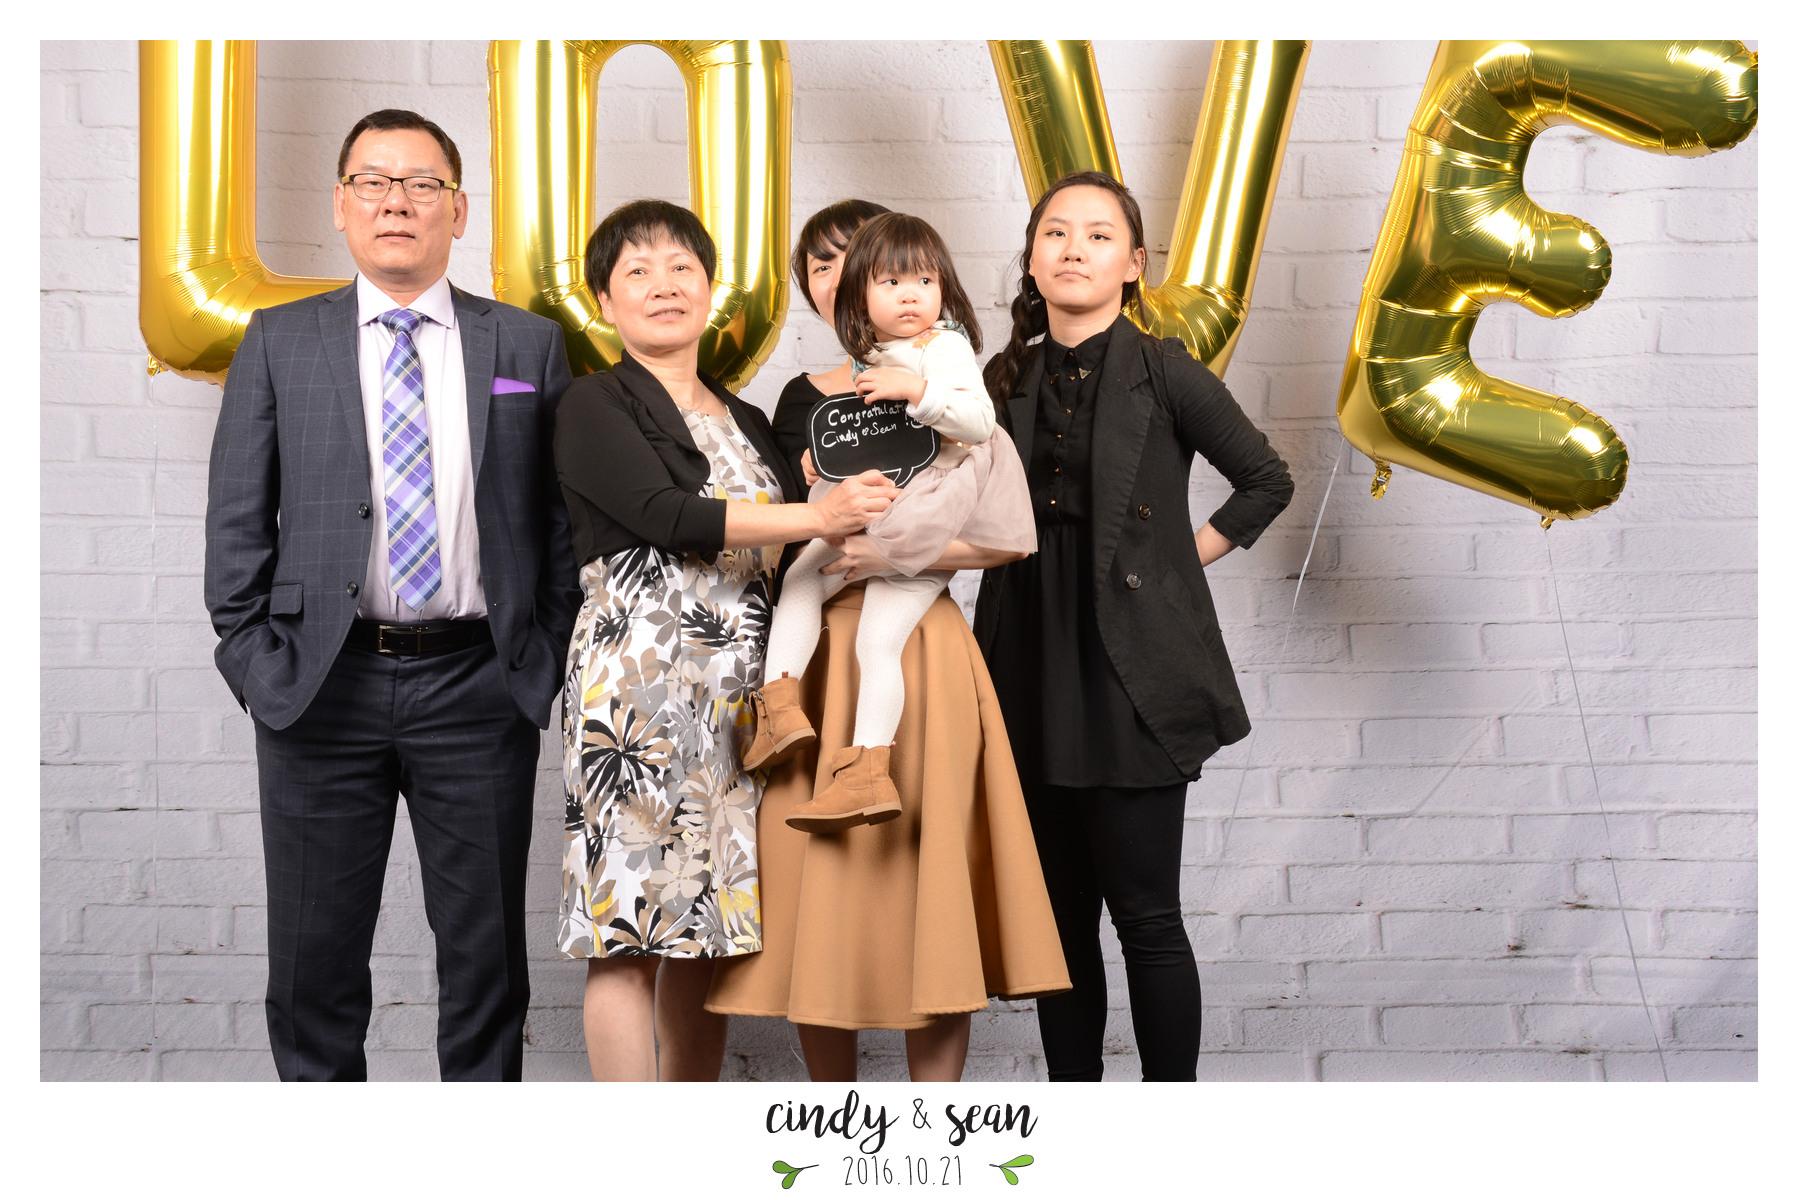 Cindy Sean Bae - 0001-17.jpg